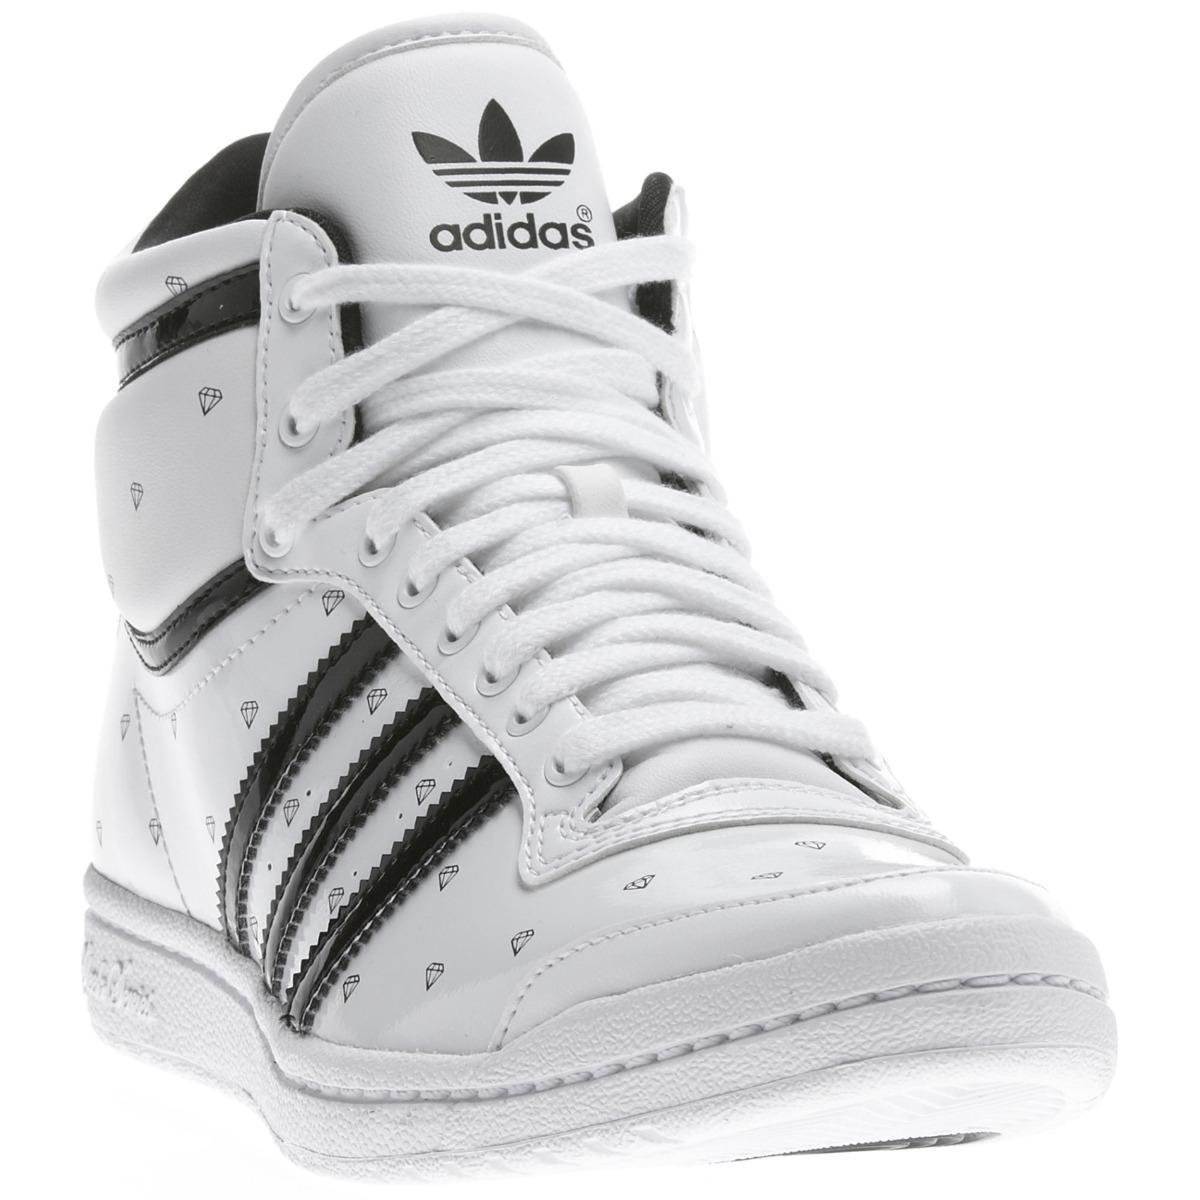 Mujer Botitas Zapatillas Tipo zapatillas Adidas 5TTxwZBq--shopping ... 35f8ac64acfca